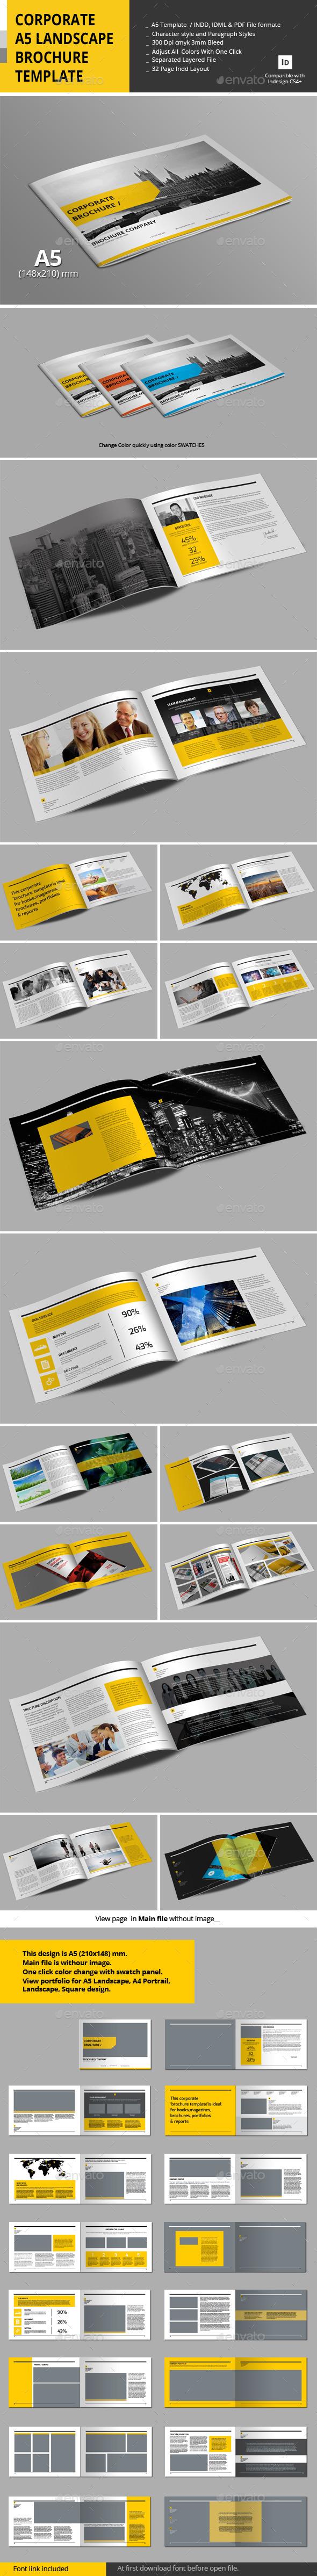 Corporate A5 Landscape Brochure Template - Corporate Brochures ...